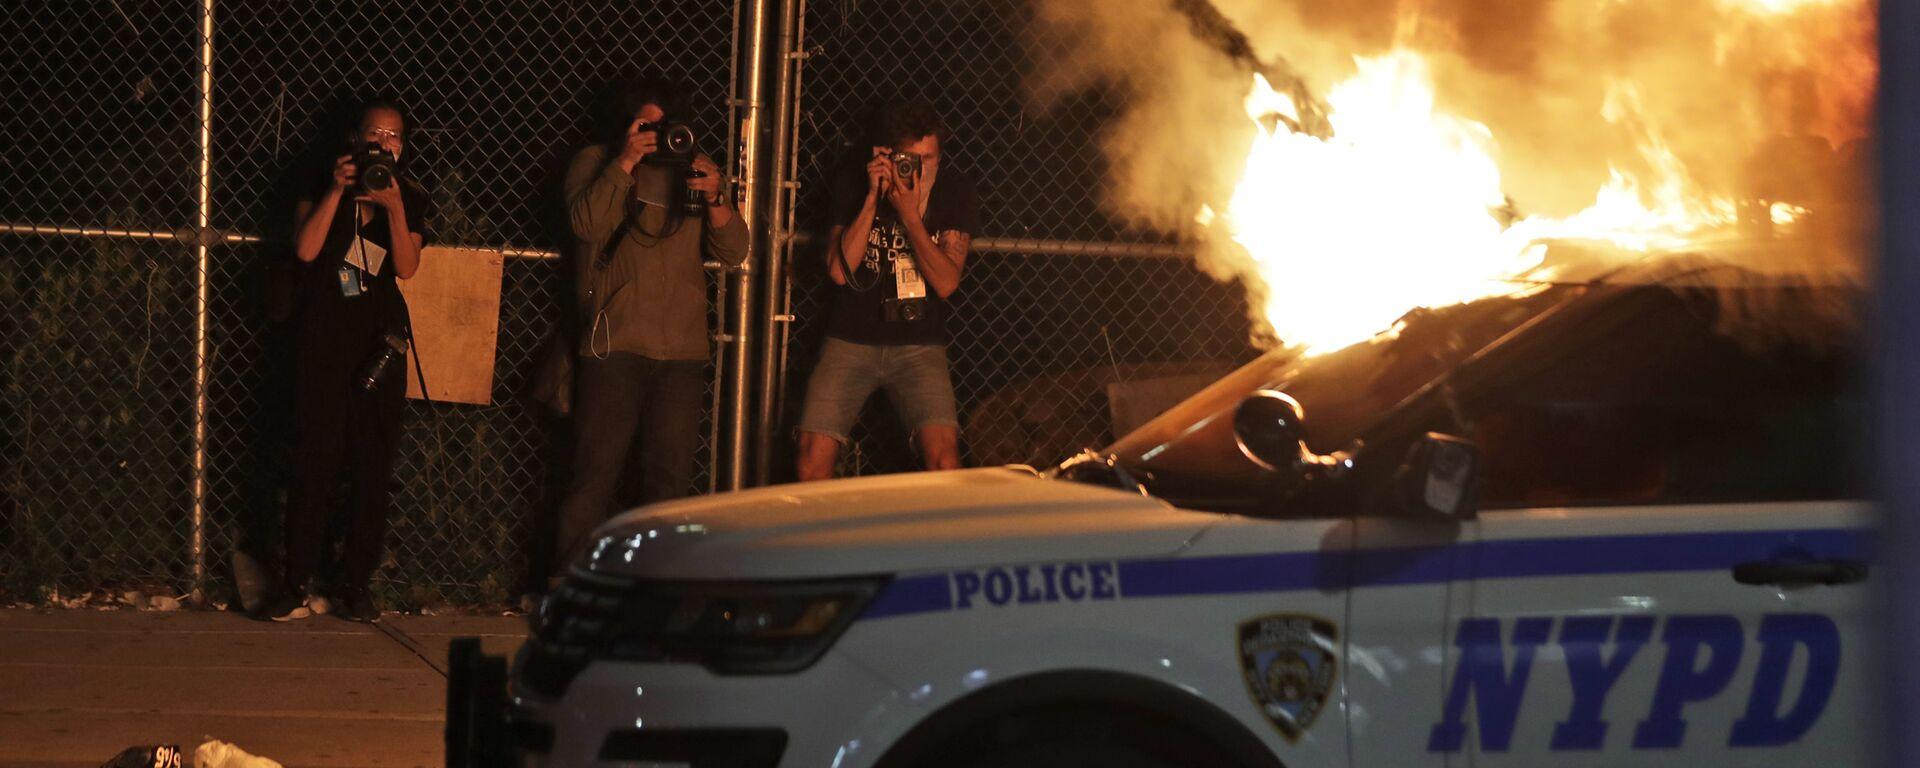 Фотографы во время съемки горящей полицейской машины в Нью-Йорке  - Sputnik Таджикистан, 1920, 24.04.2021